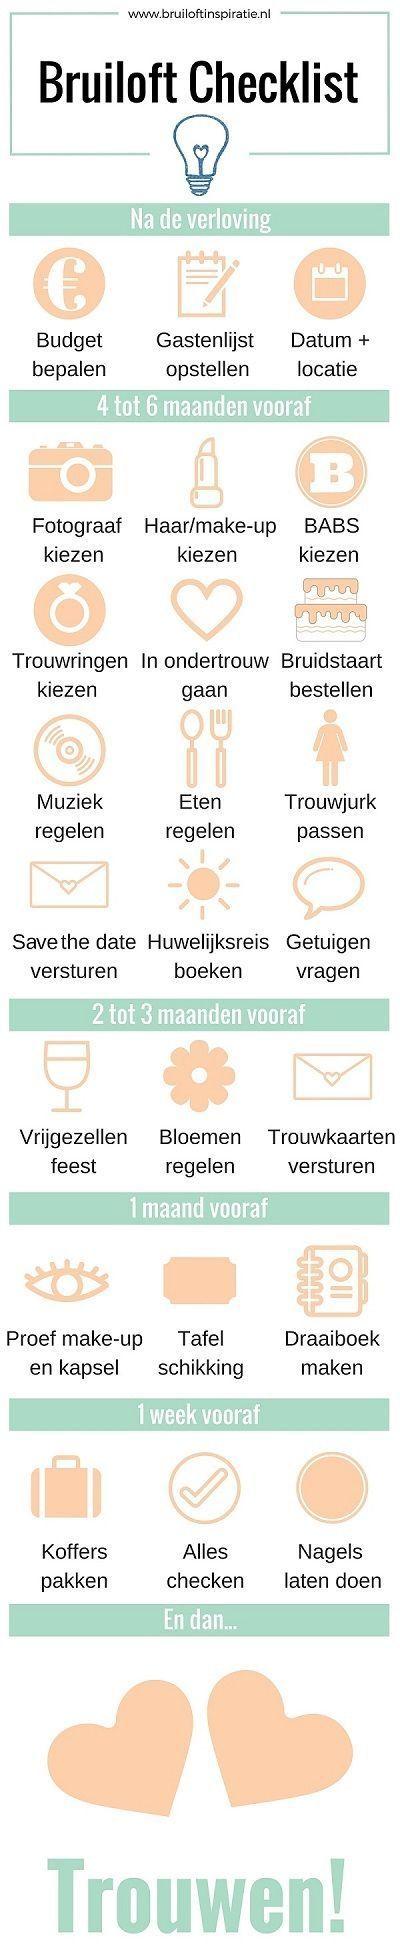 Bruiloft Checklist, uitgebreide informatie op de website